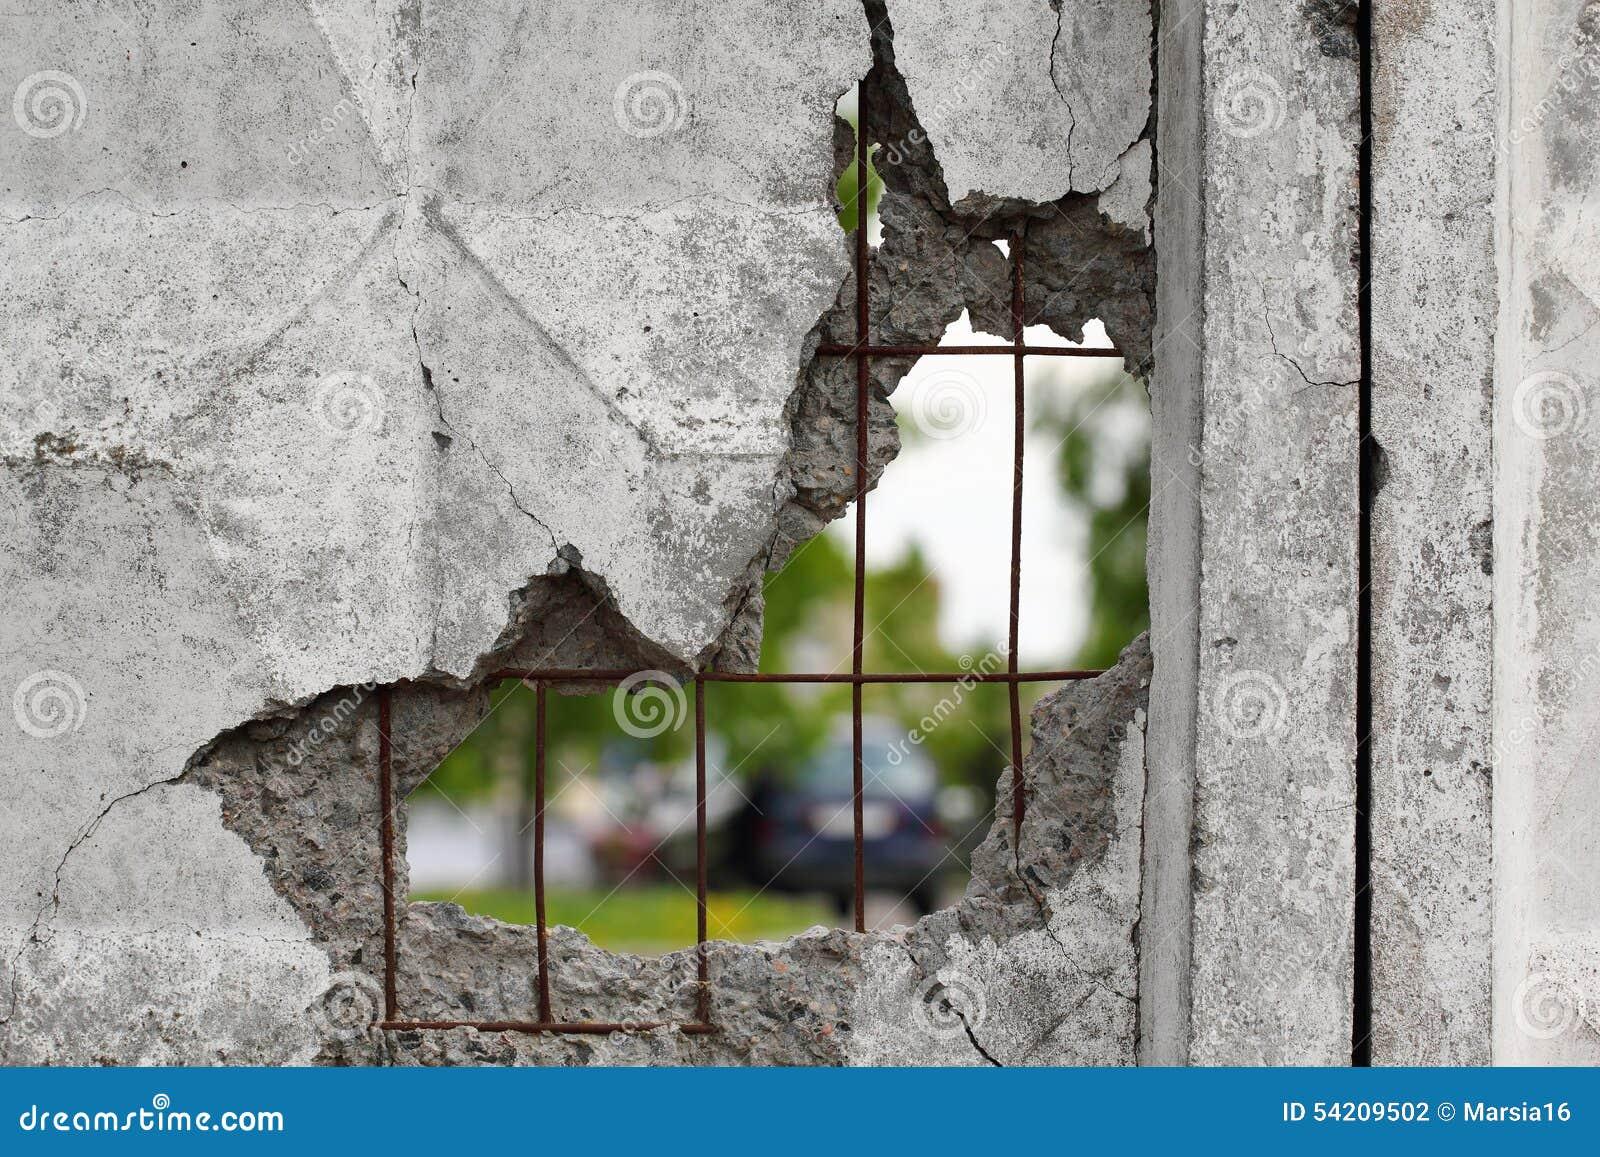 Furo em um muro de cimento